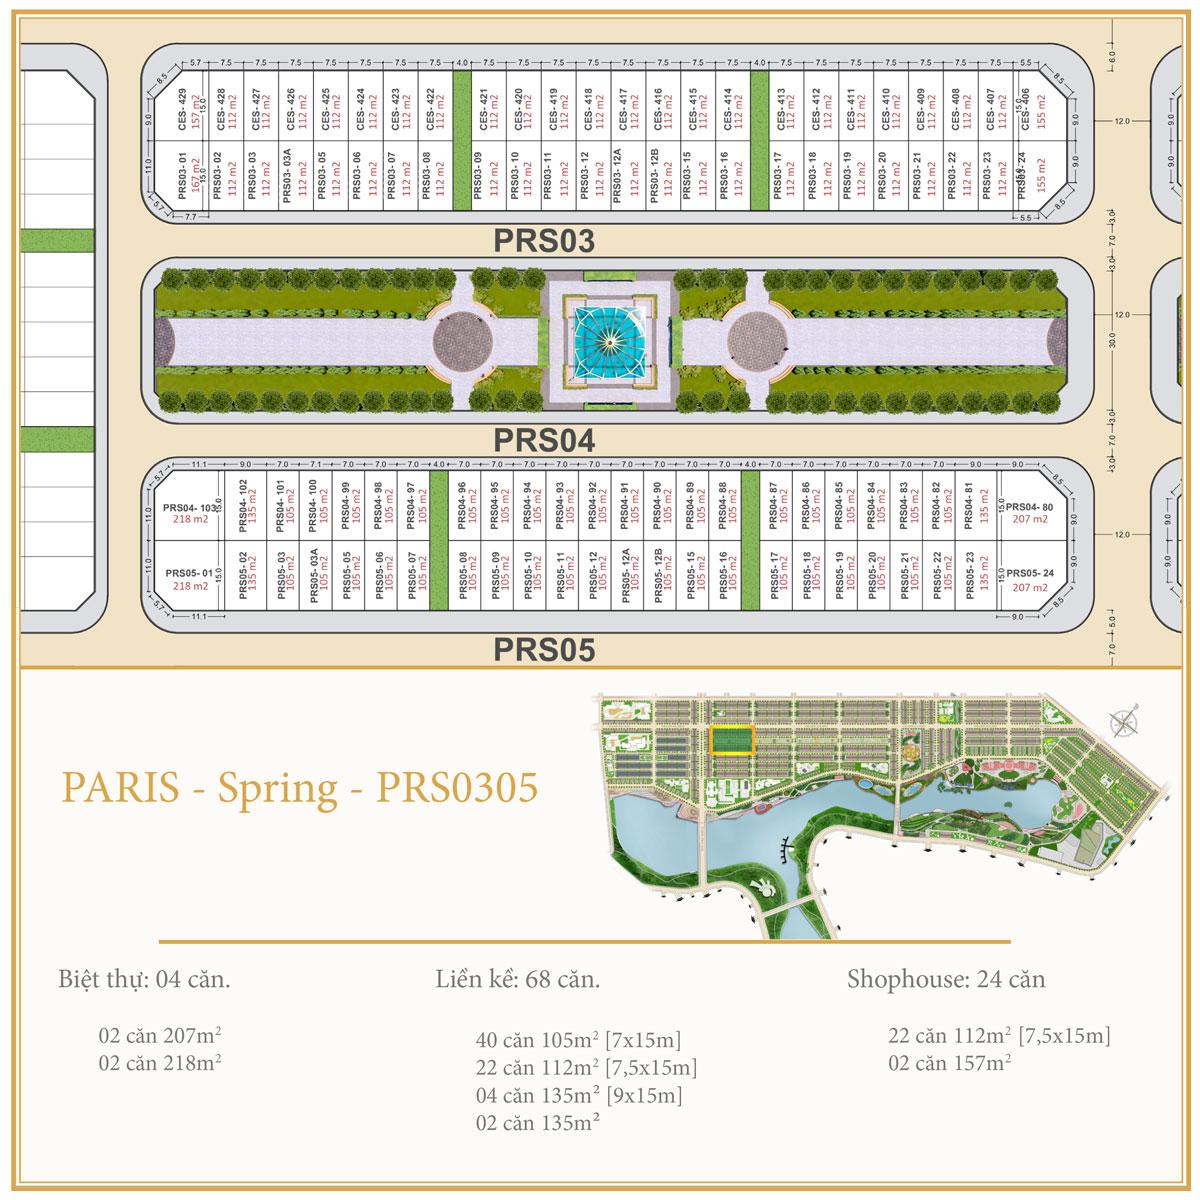 Dự án Royal Star Lake Mặt bằng PARIS SPRING PRS0305